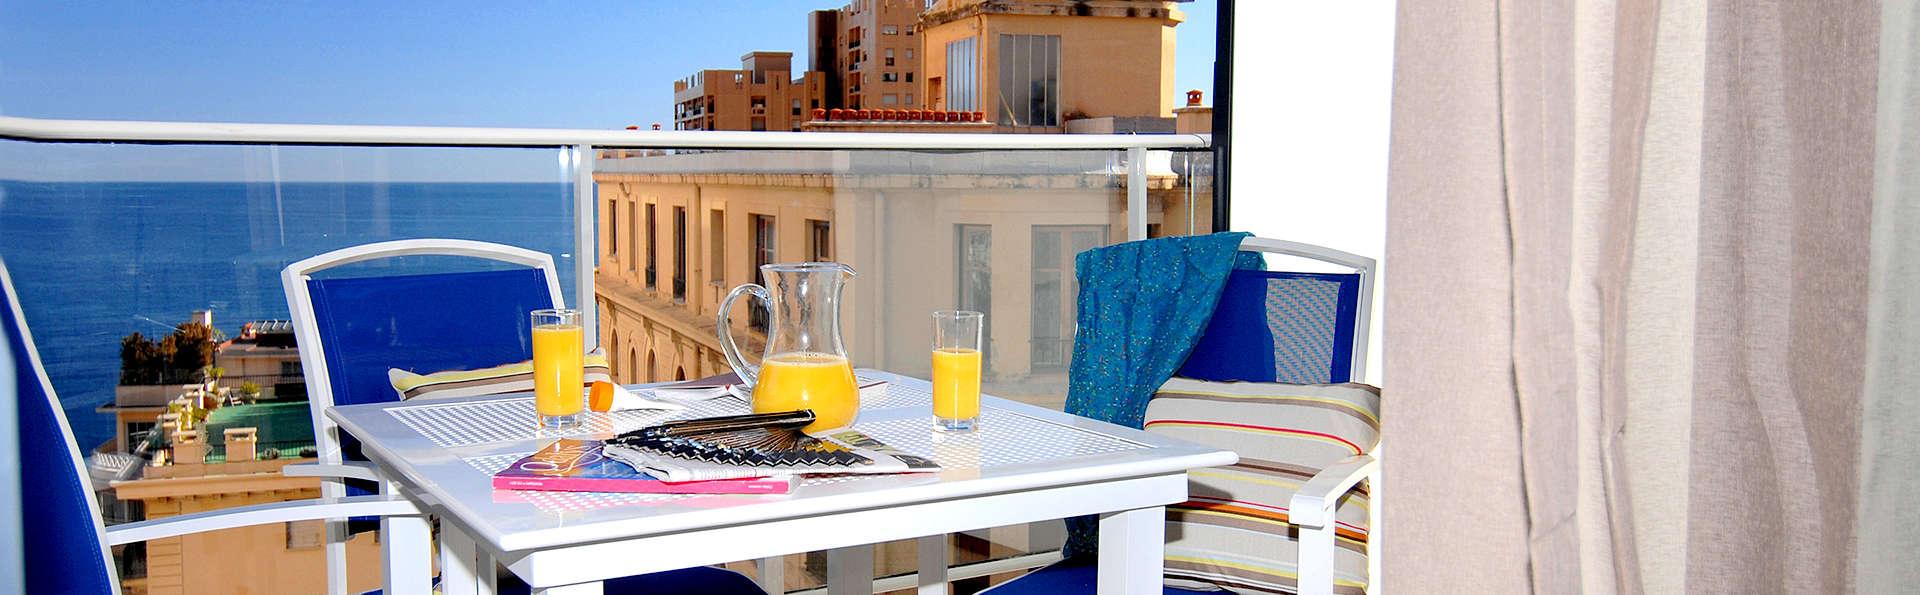 Week-end en appartement dans la principauté de Monaco